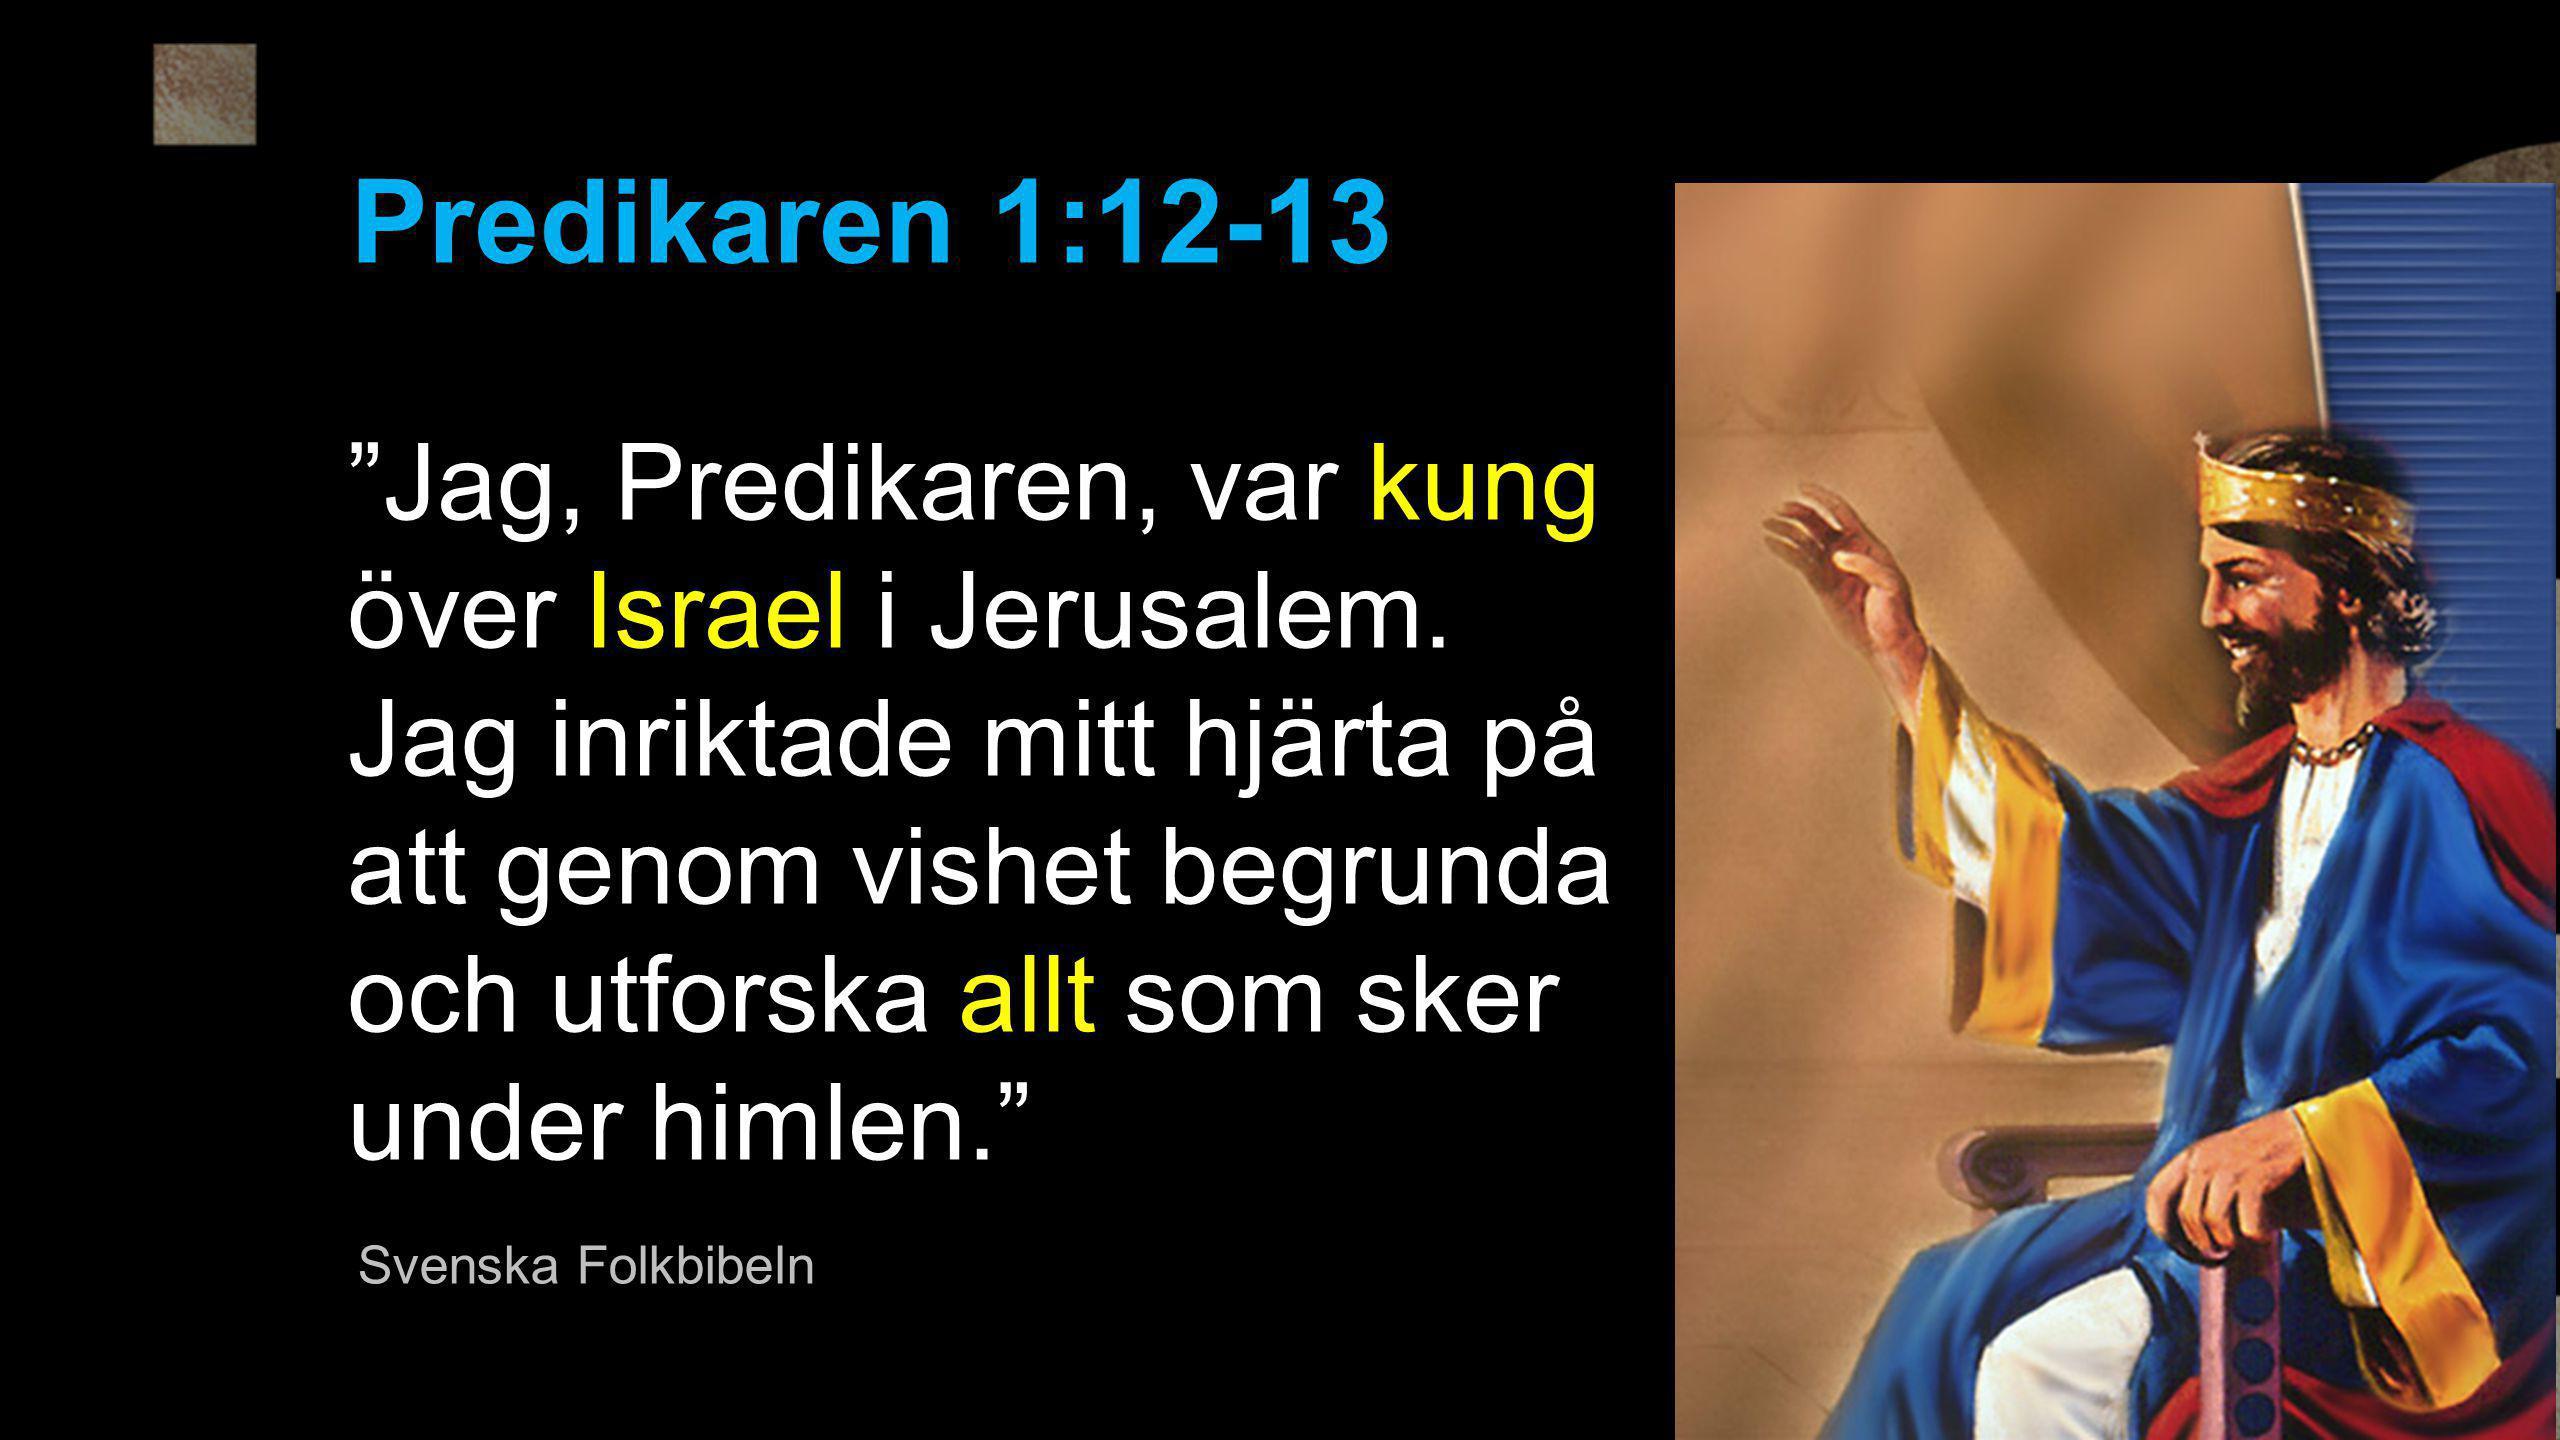 """""""Jag, Predikaren, var kung över Israel i Jerusalem. Jag inriktade mitt hjärta på att genom vishet begrunda och utforska allt som sker under himlen."""" P"""